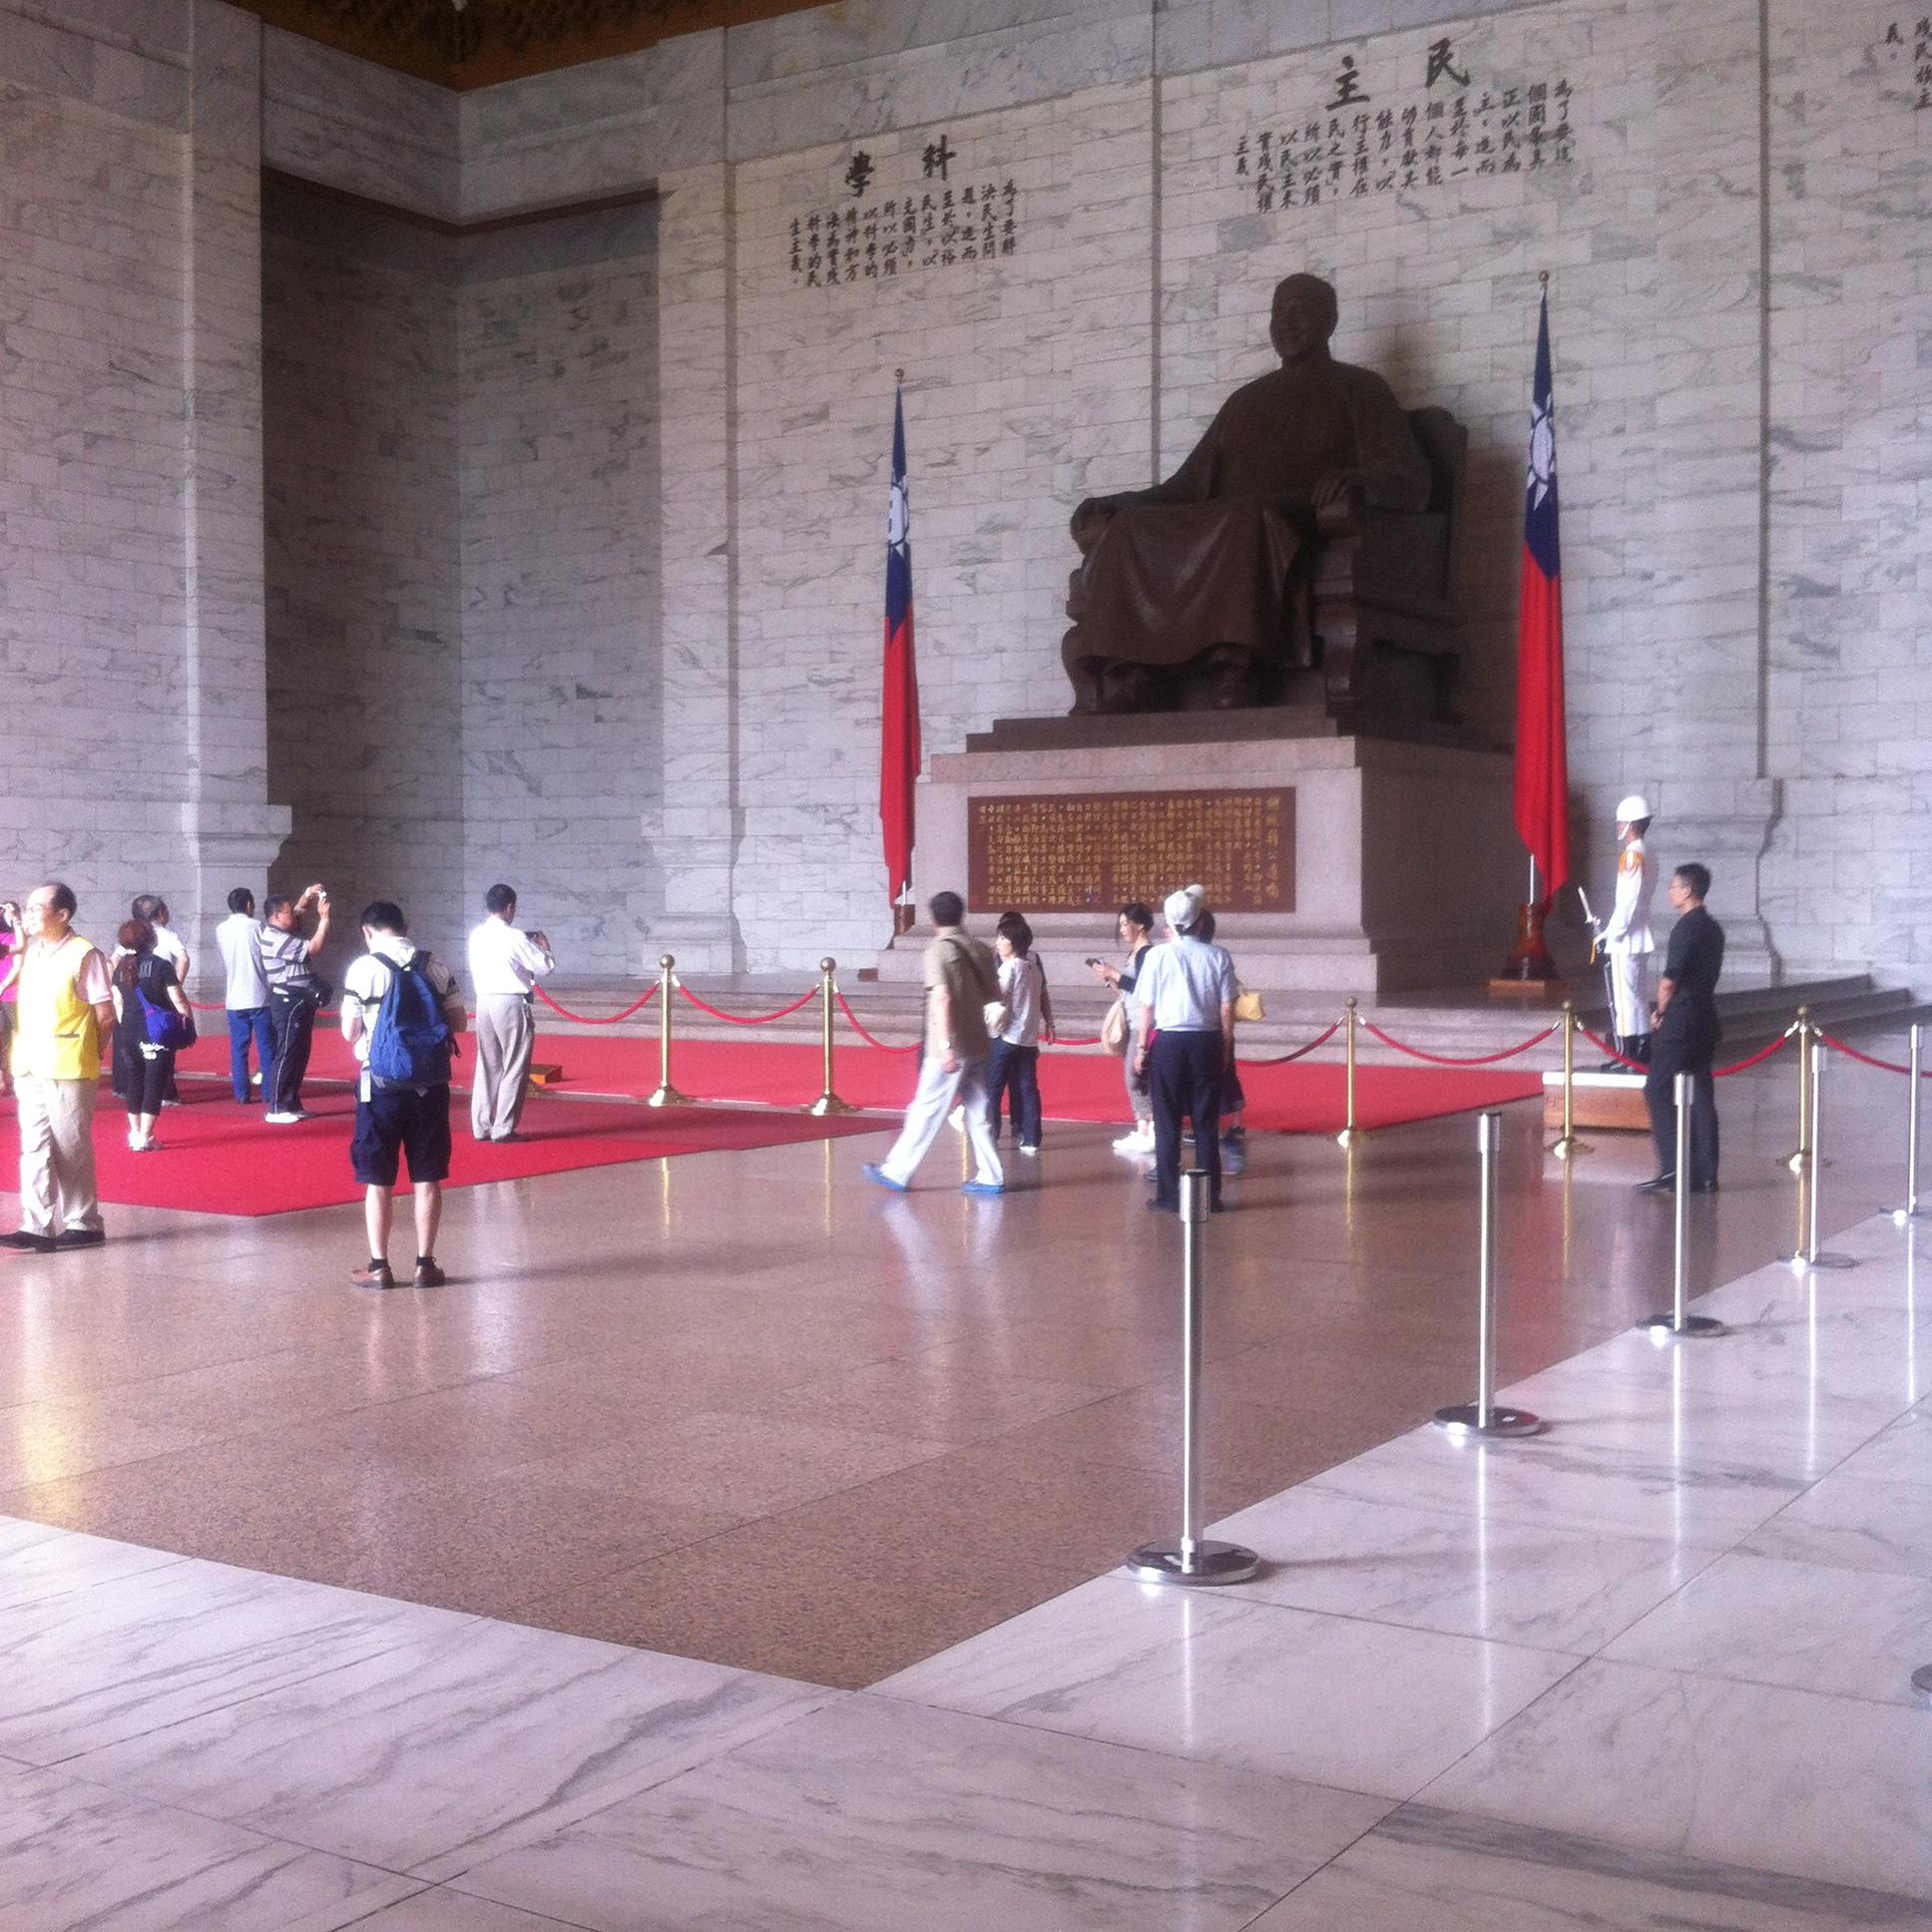 【見学】中正紀念堂の衛兵交代儀式をエレベーターを使って楽チン見学♪